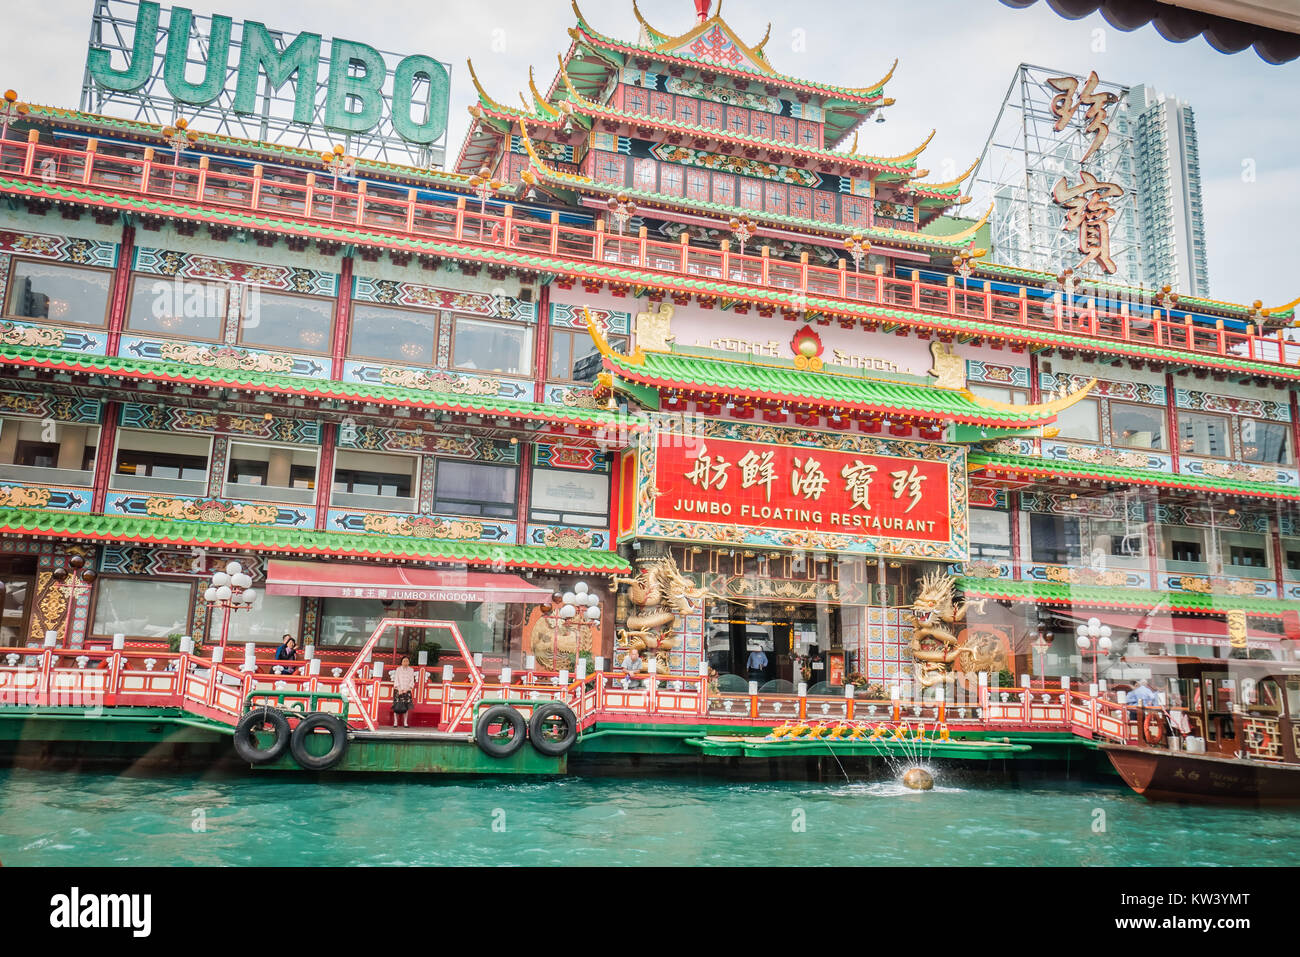 hong kong jumbo kingdom seafood restaurant - Stock Image